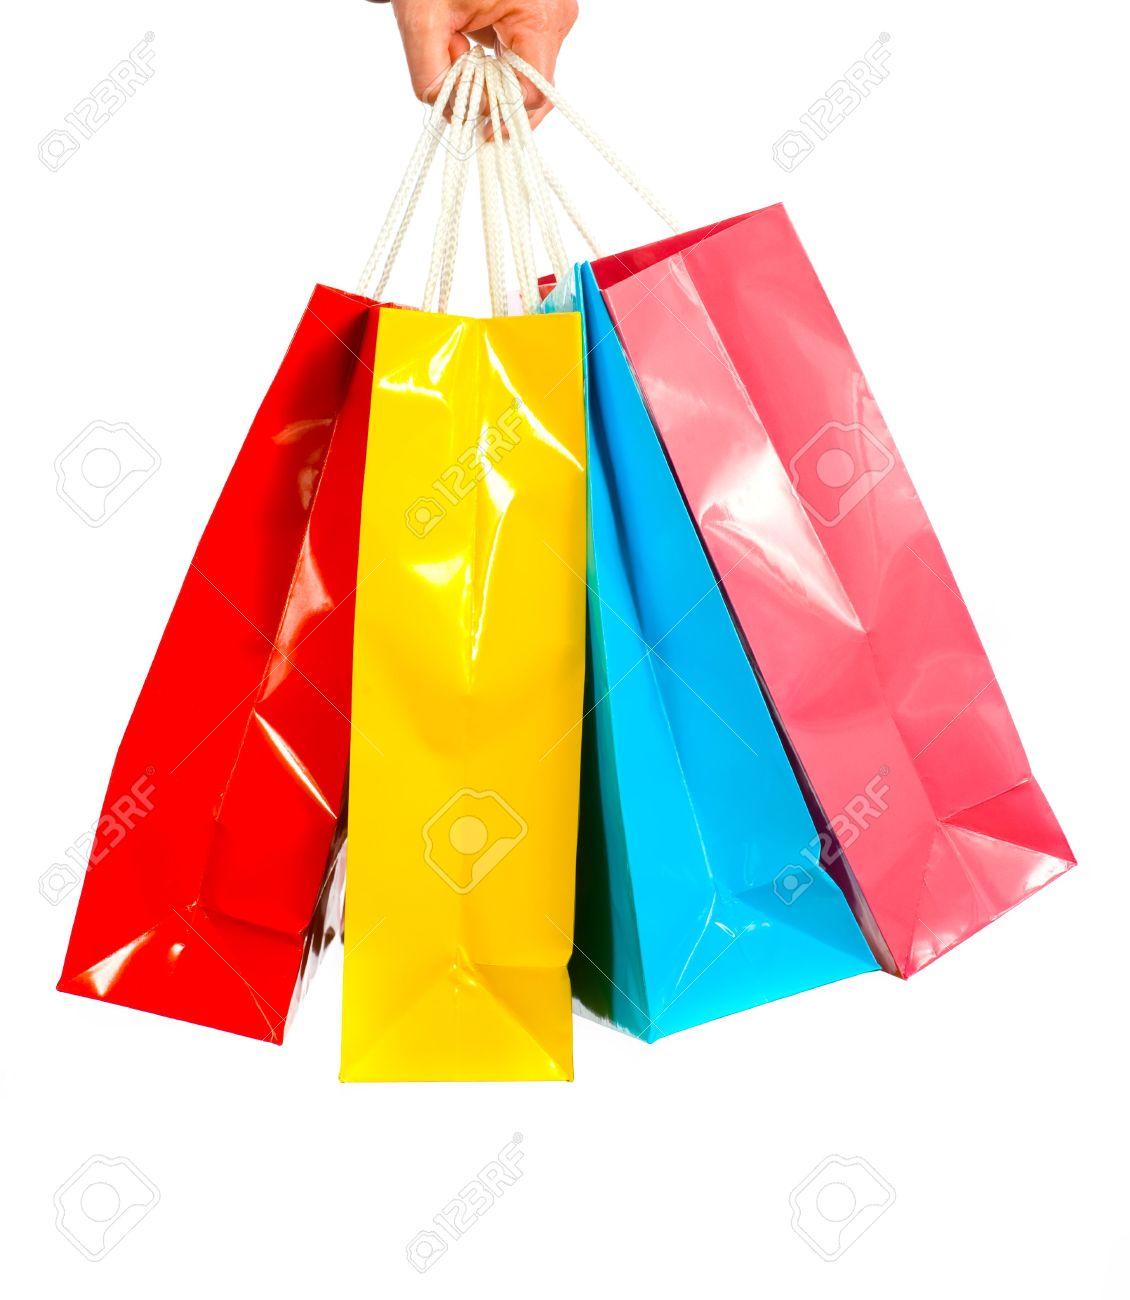 56bd05eca9 Foto de archivo - Una mano agarra señoras varios colores brillantes bolsas  de la compra en un fondo blanco